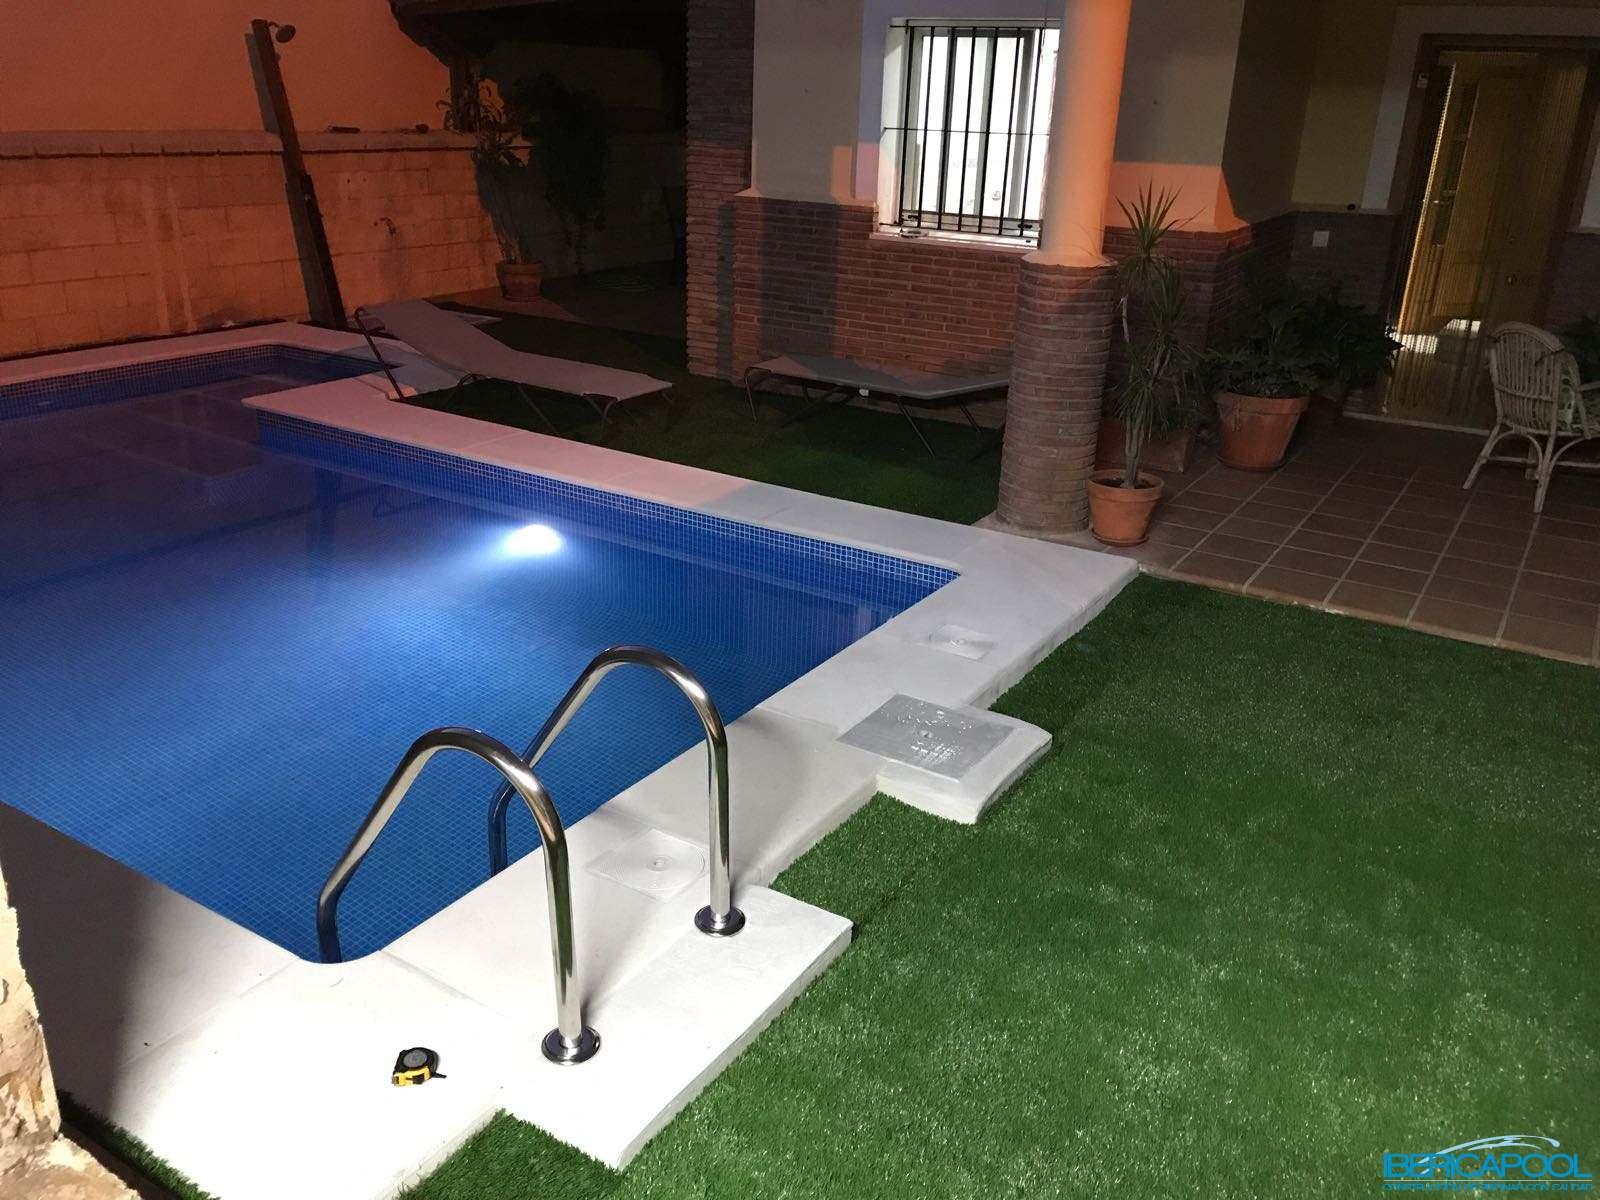 Ibericapool piscina de obra 6x3 en algeciras - Piscina de obra ...